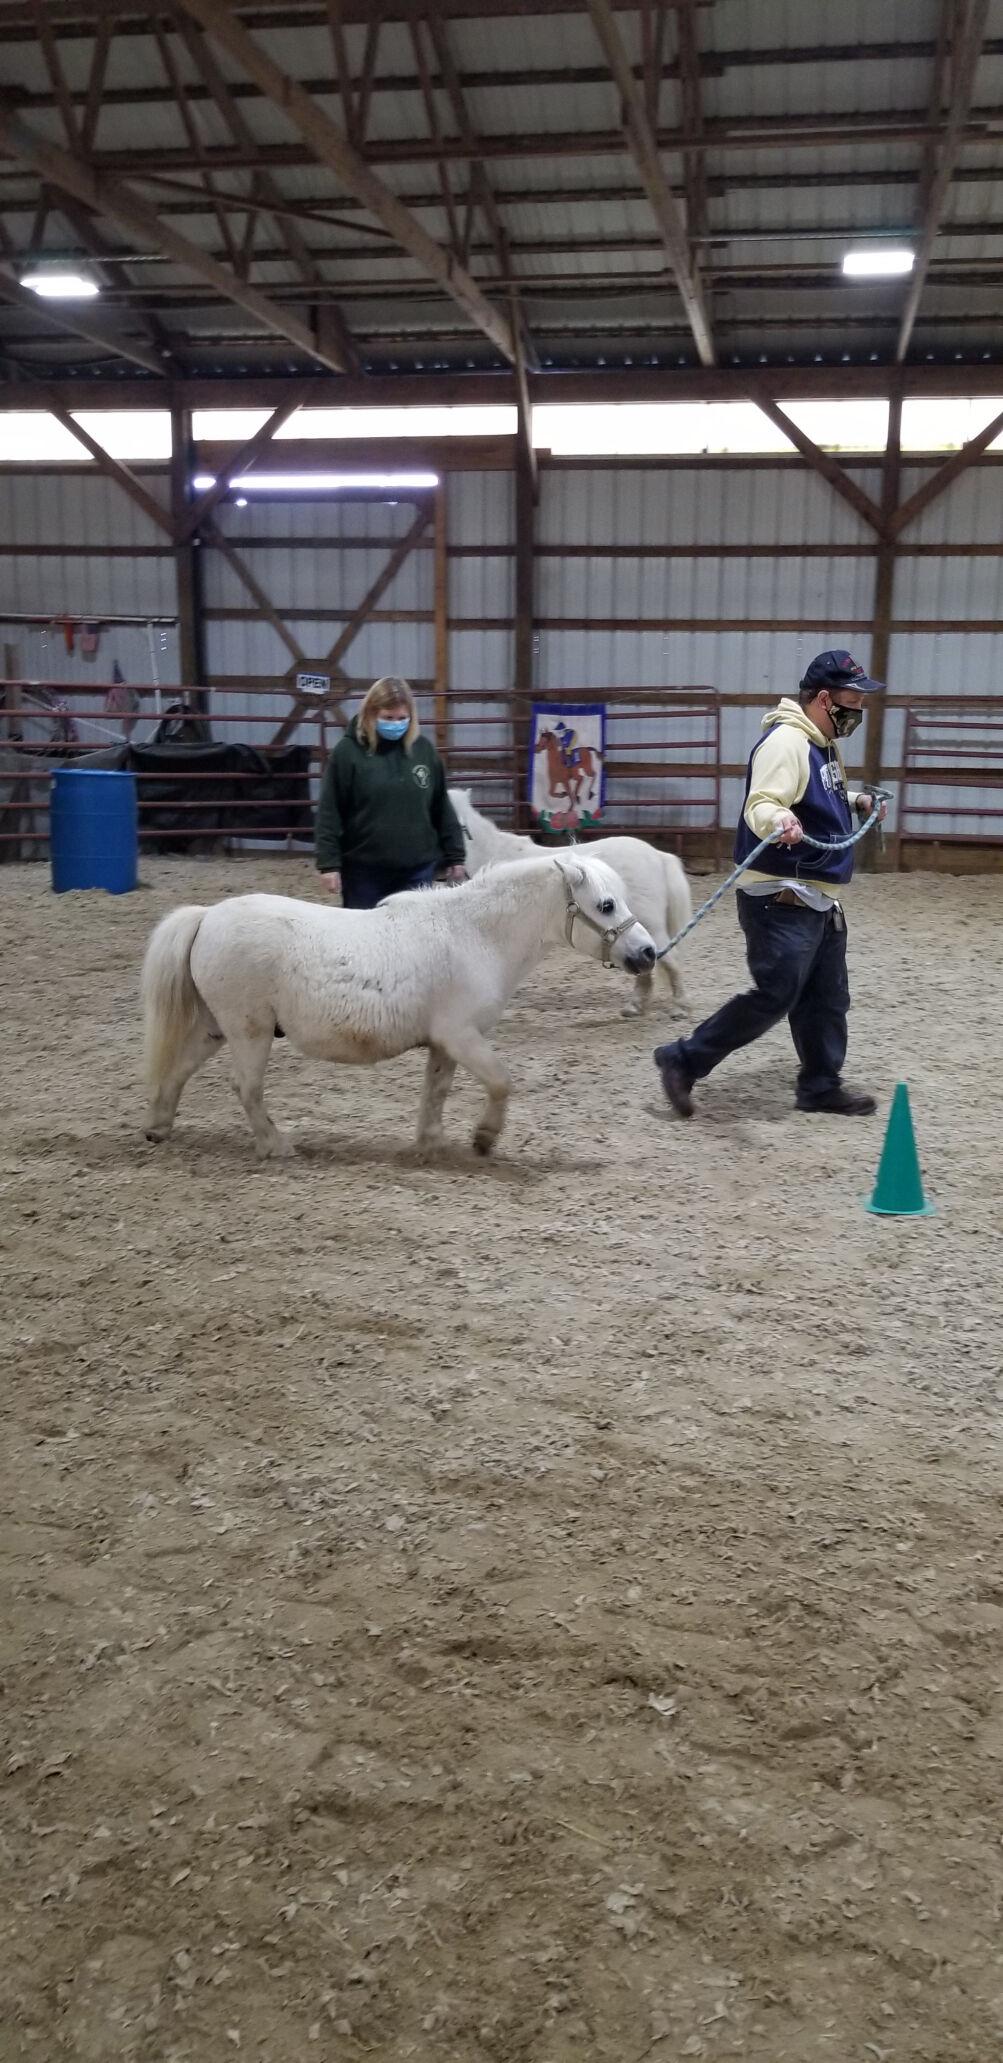 20210623_cbg_horses for hope.jpg